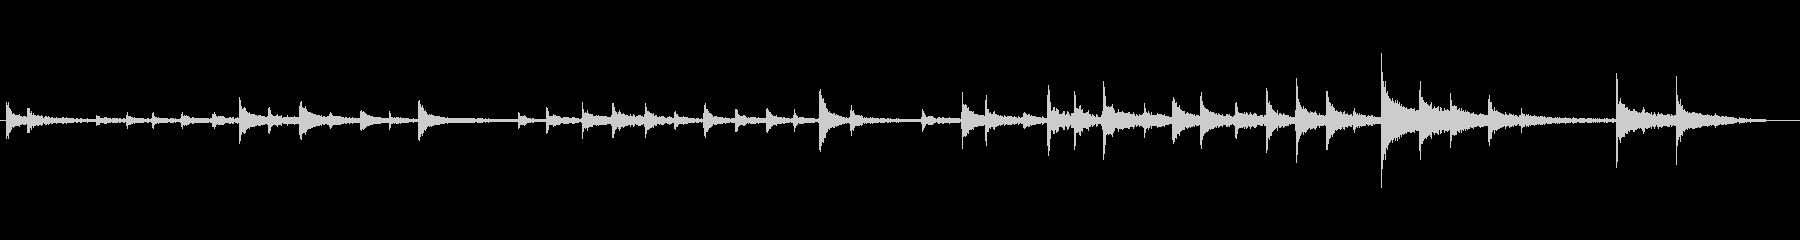 パイプメタルクランクヒットの未再生の波形